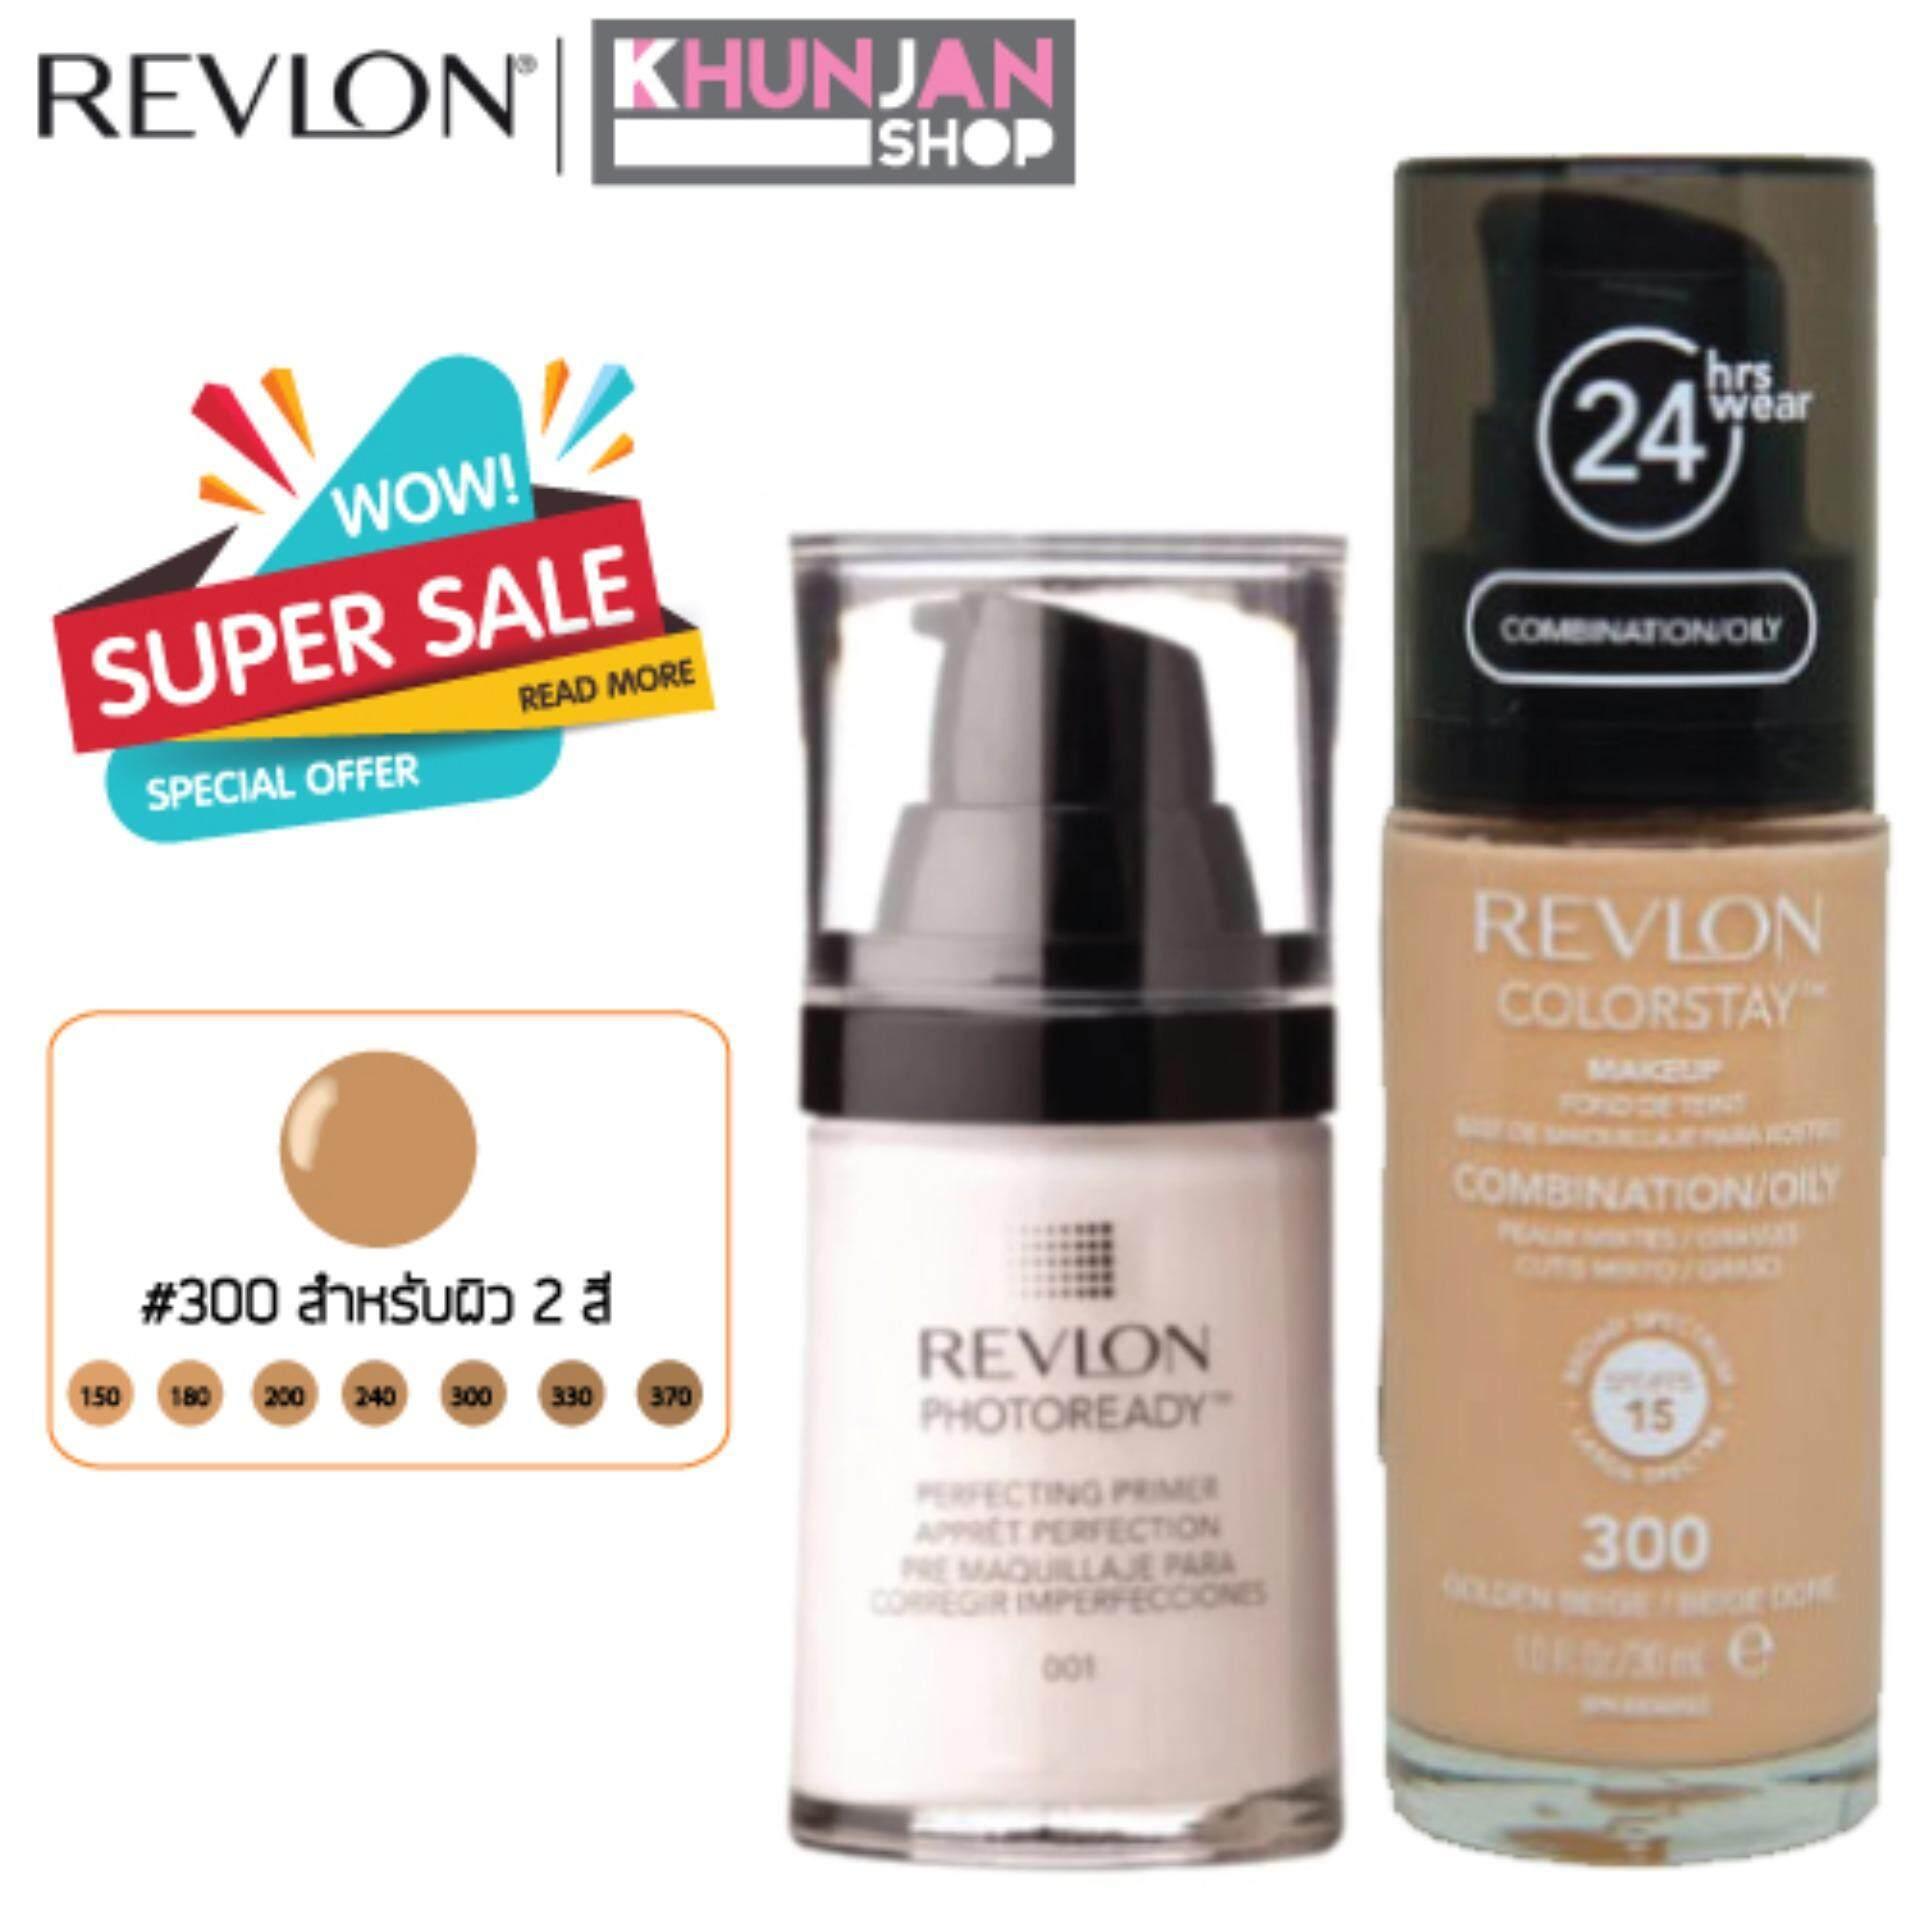 ขาย Revlon Color Stay 300 Golden Beige Revlon Photoready Perfecting Primer 001 ออนไลน์ กรุงเทพมหานคร